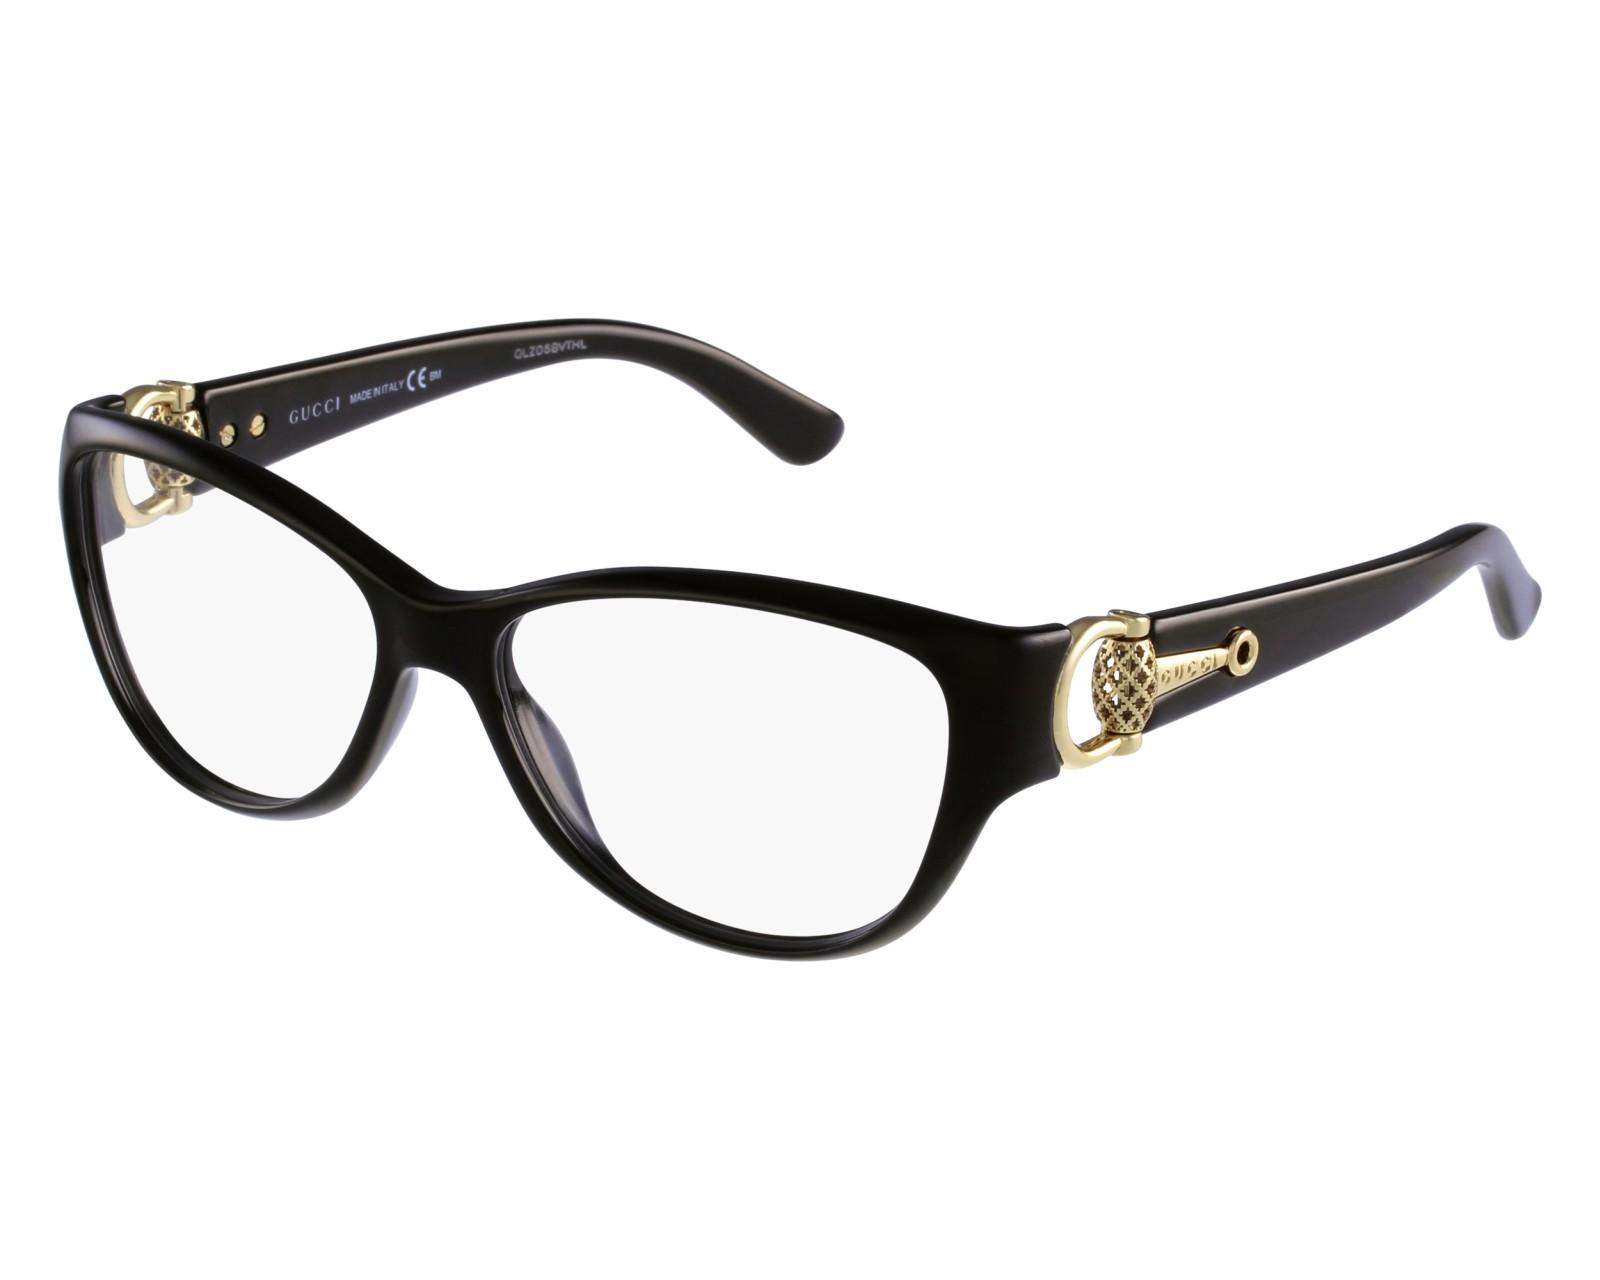 Óculos de Grau Gucci Preto/Dourado GG3741 - D28/54